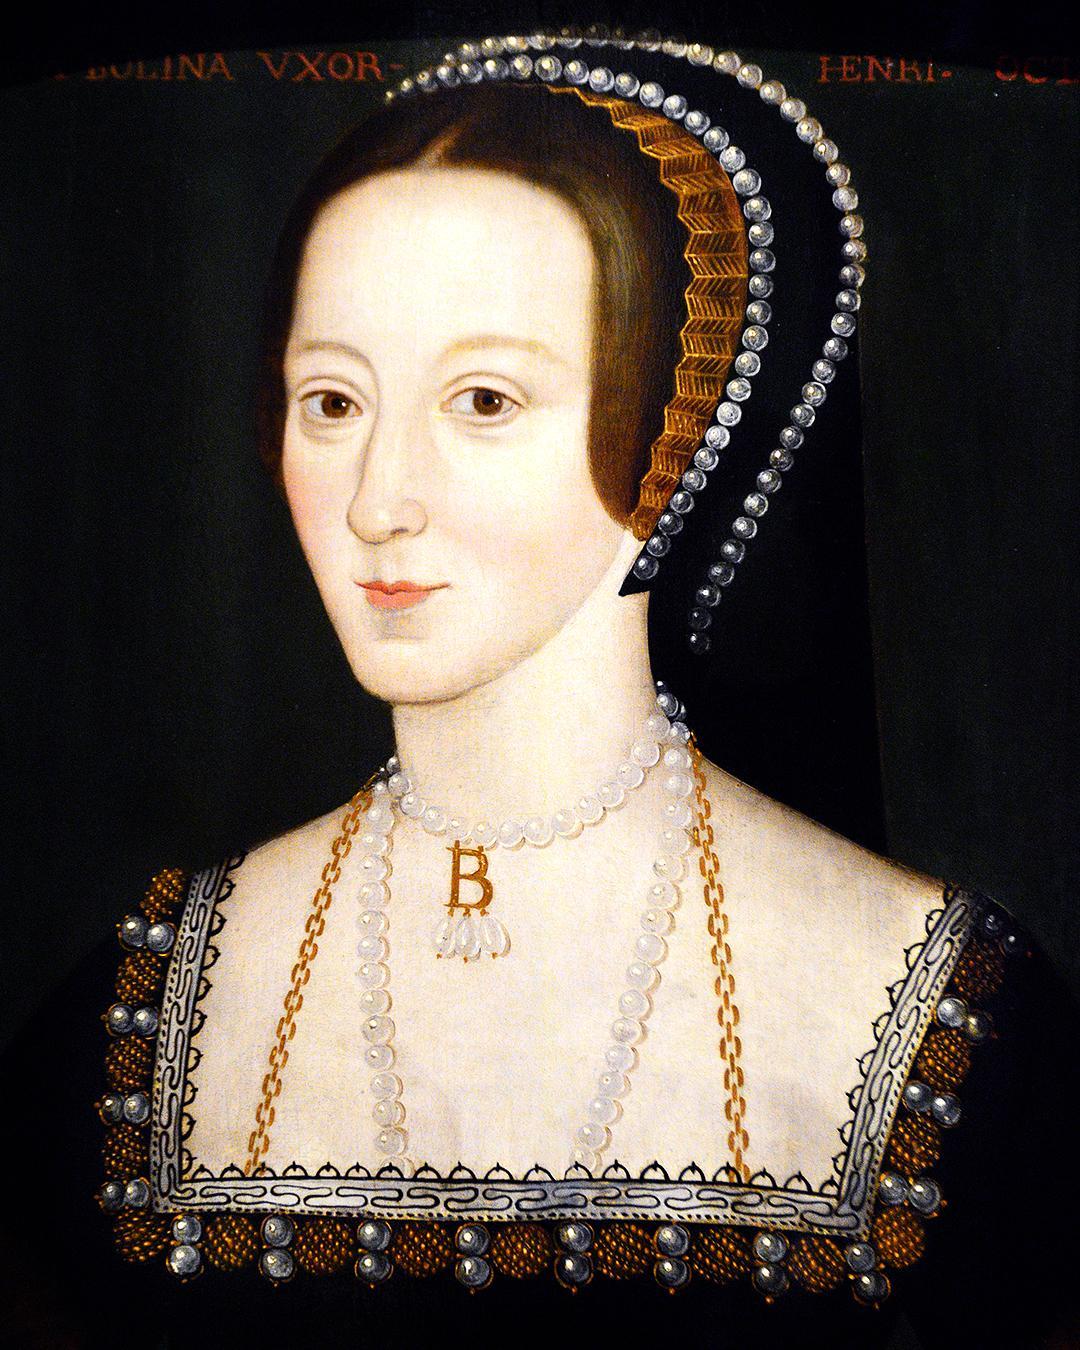 Anne Boleyn Is Fashion's New Muse (Not Even Joking)